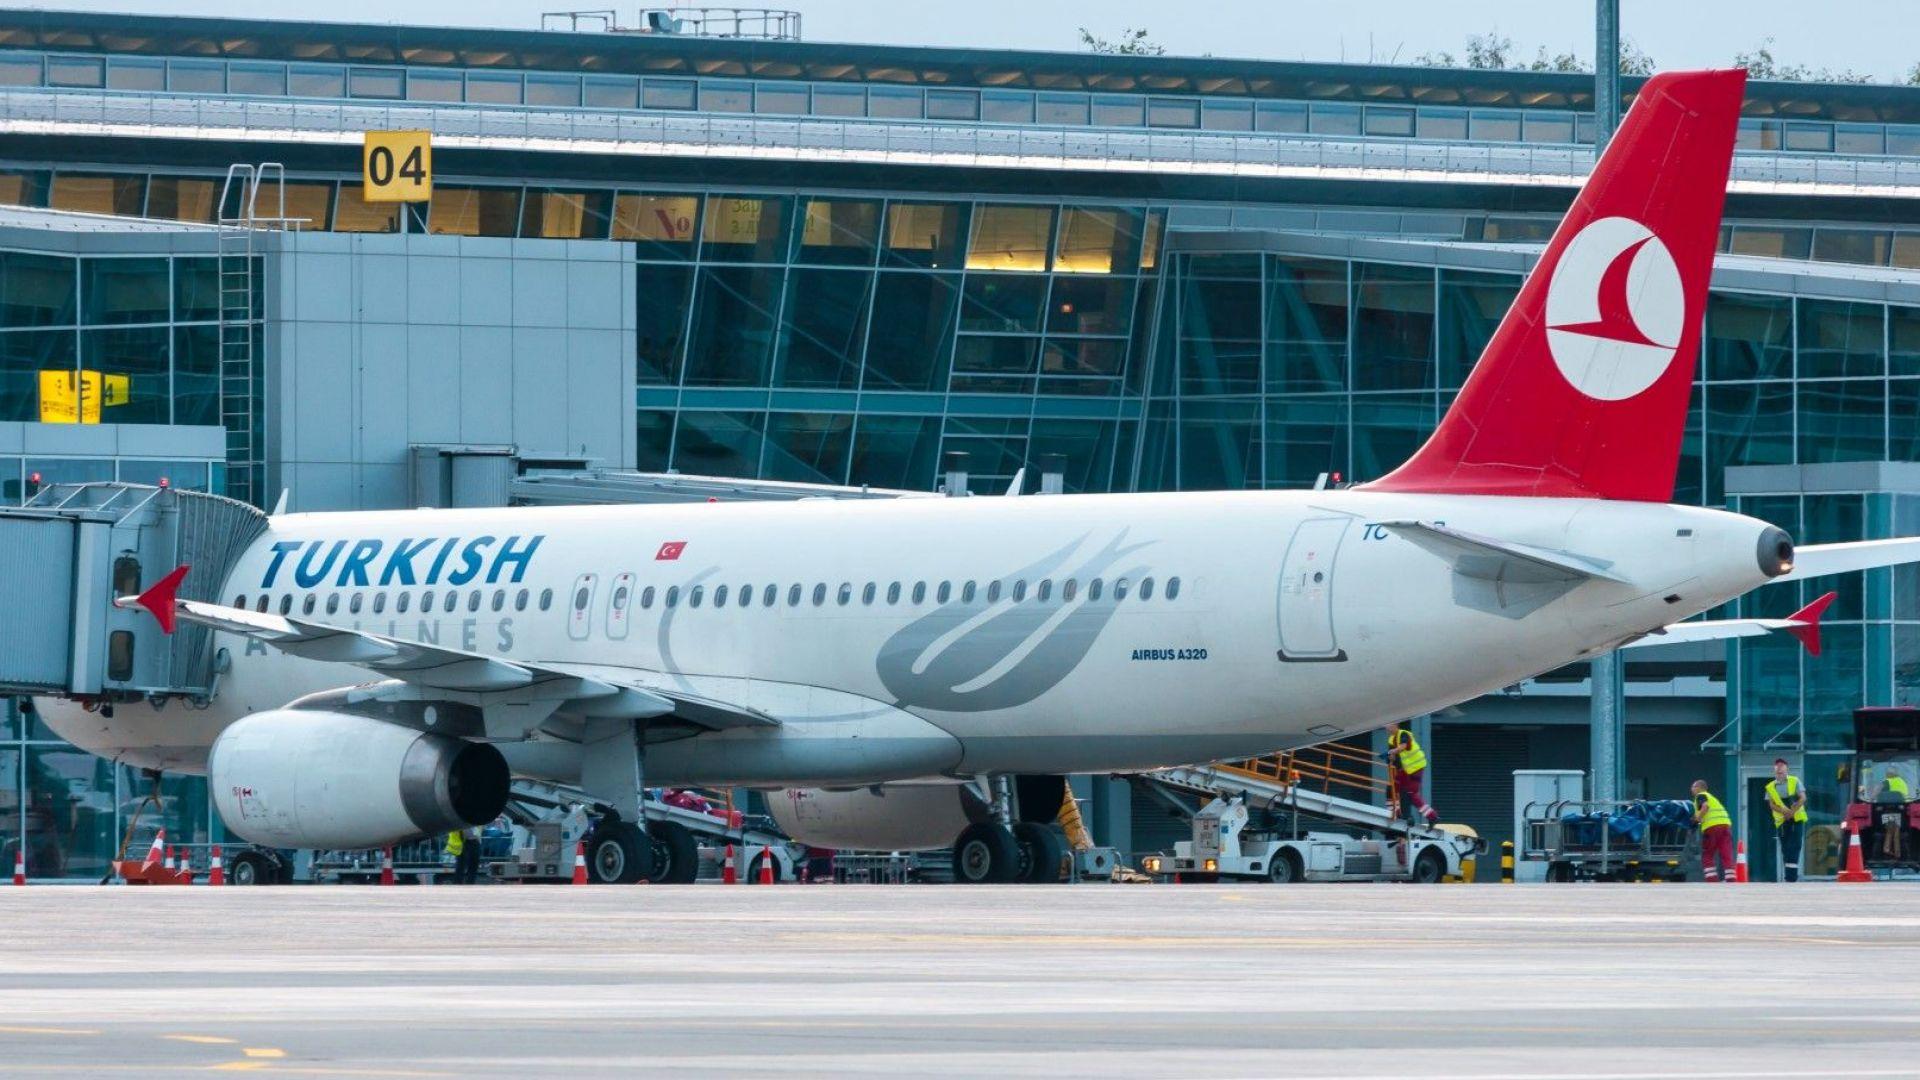 Марокански лайнер се сблъска с турски самолет на летище  в Истанбул